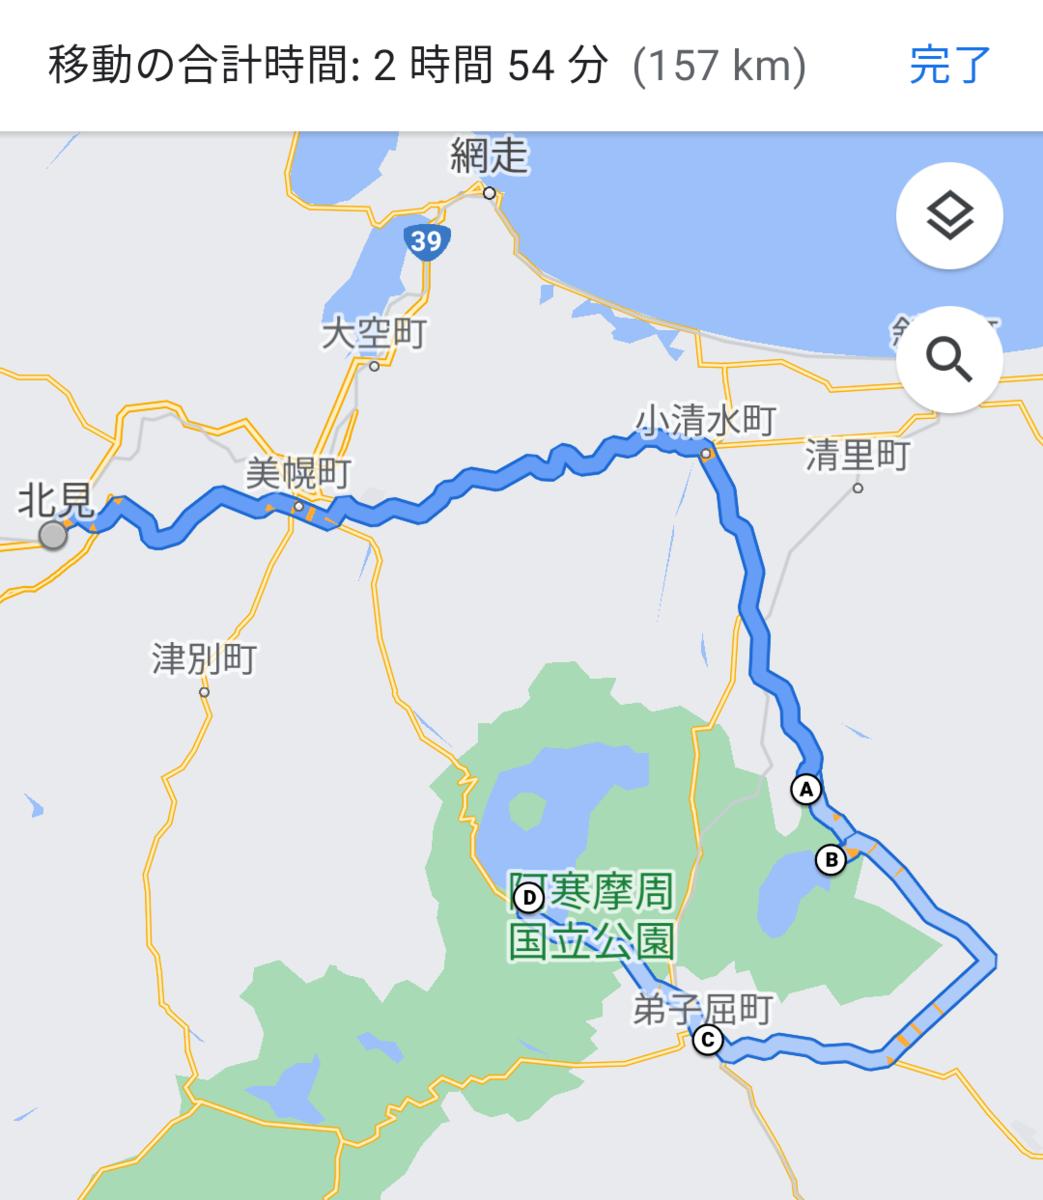 f:id:otoyan191:20210123132349p:plain